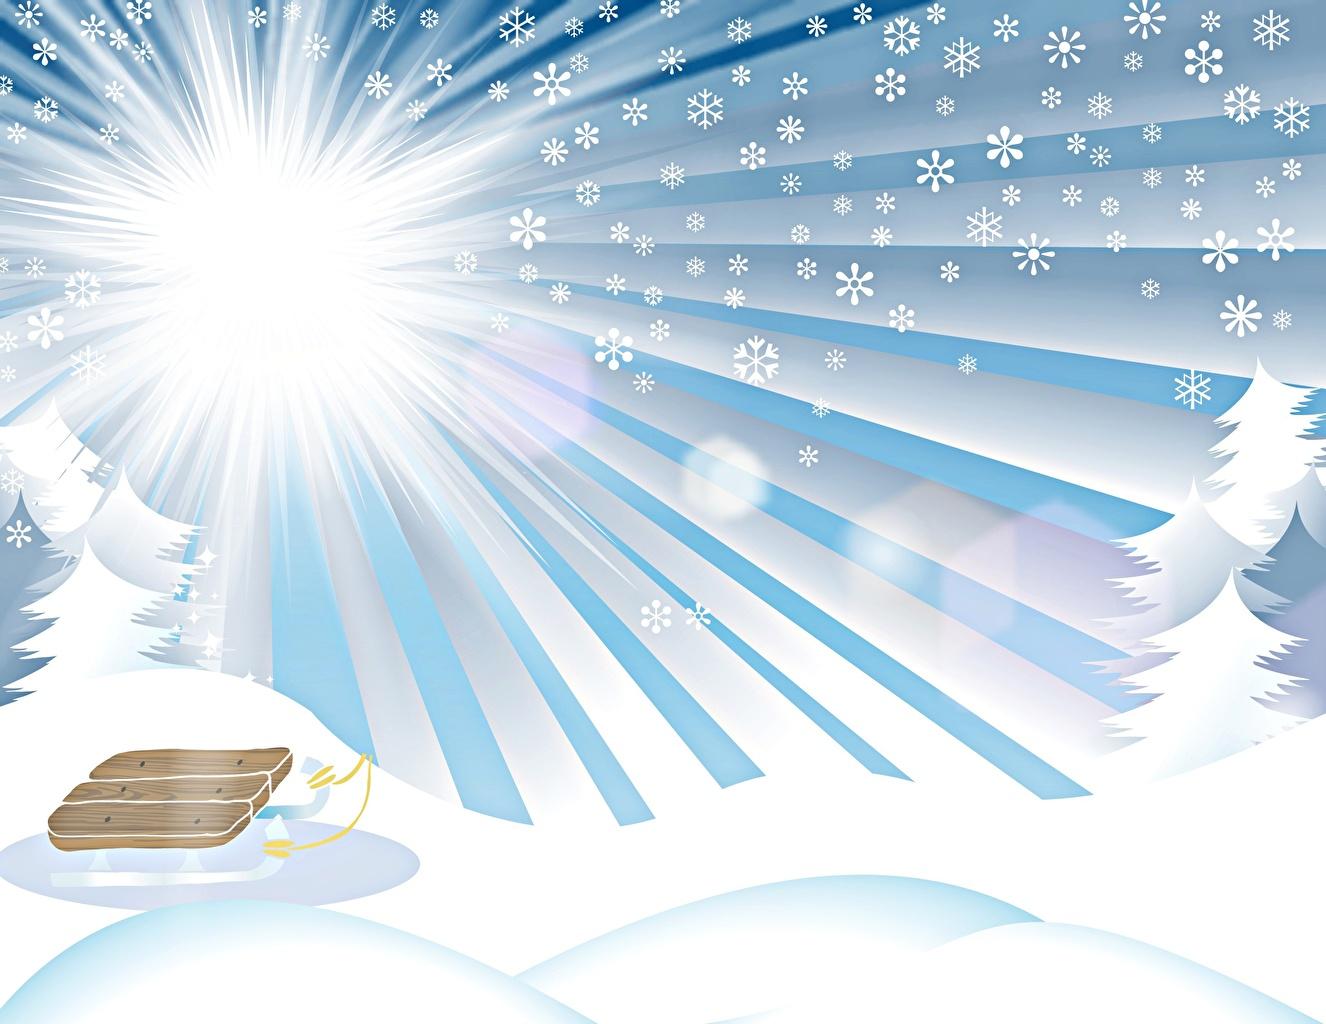 Papeis De Parede Invierno Desenho Vetorial Neve Treno Sol Raios De